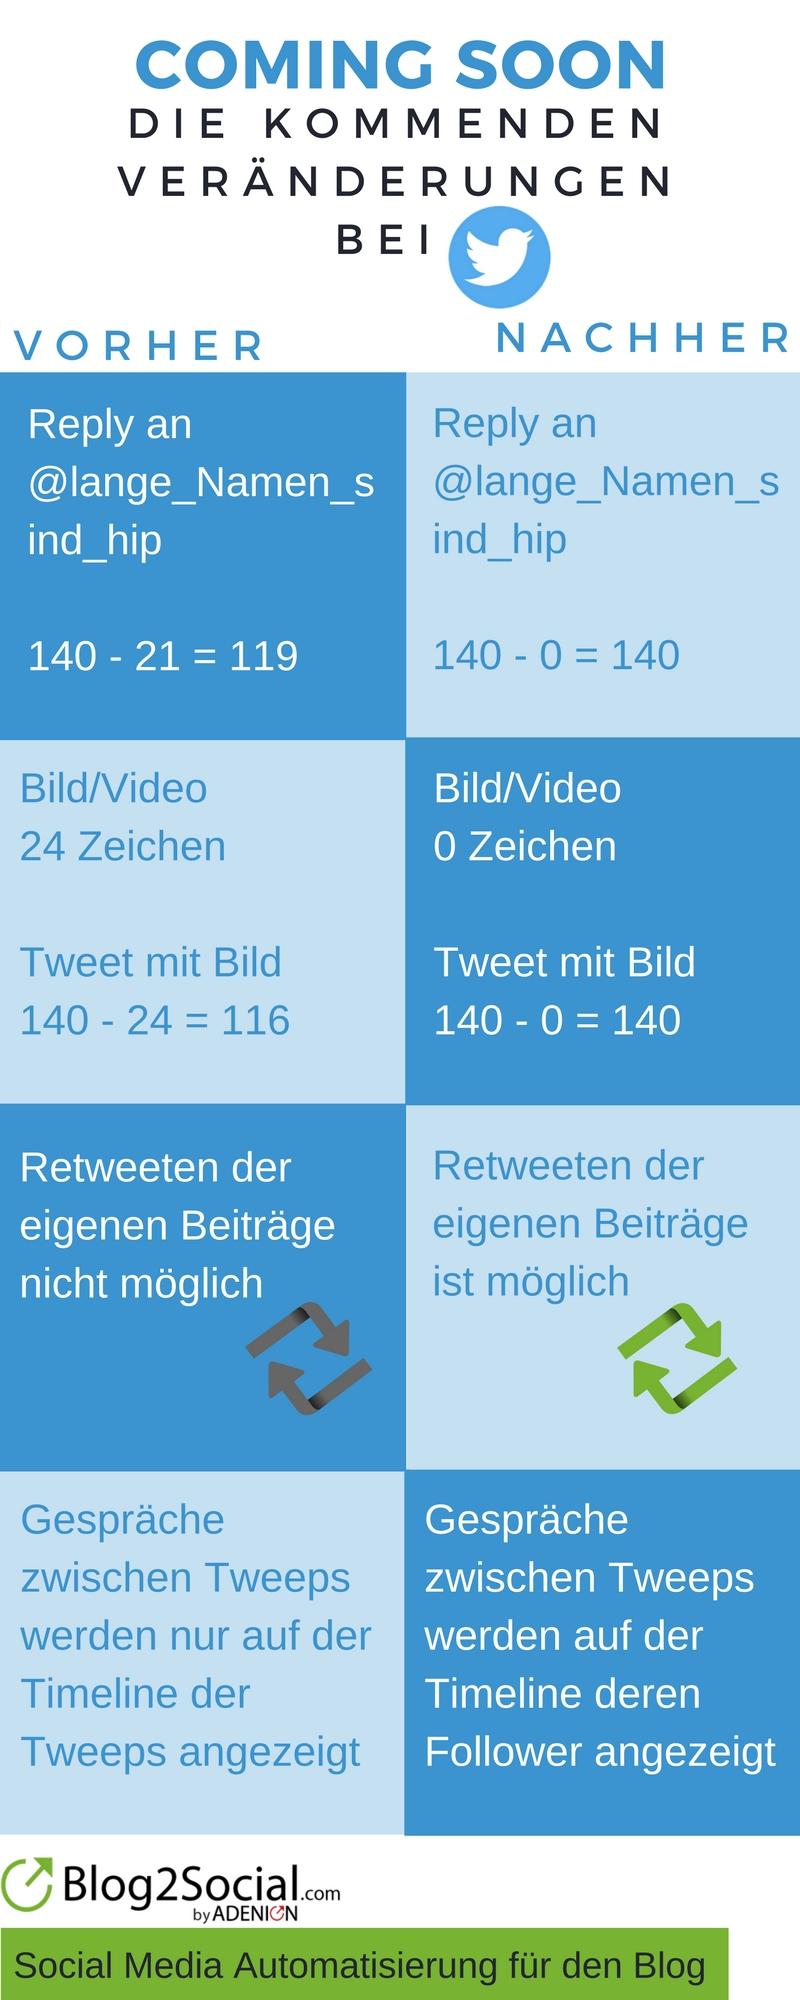 Infografik: Die kommenden Veränderungen bei Twitter